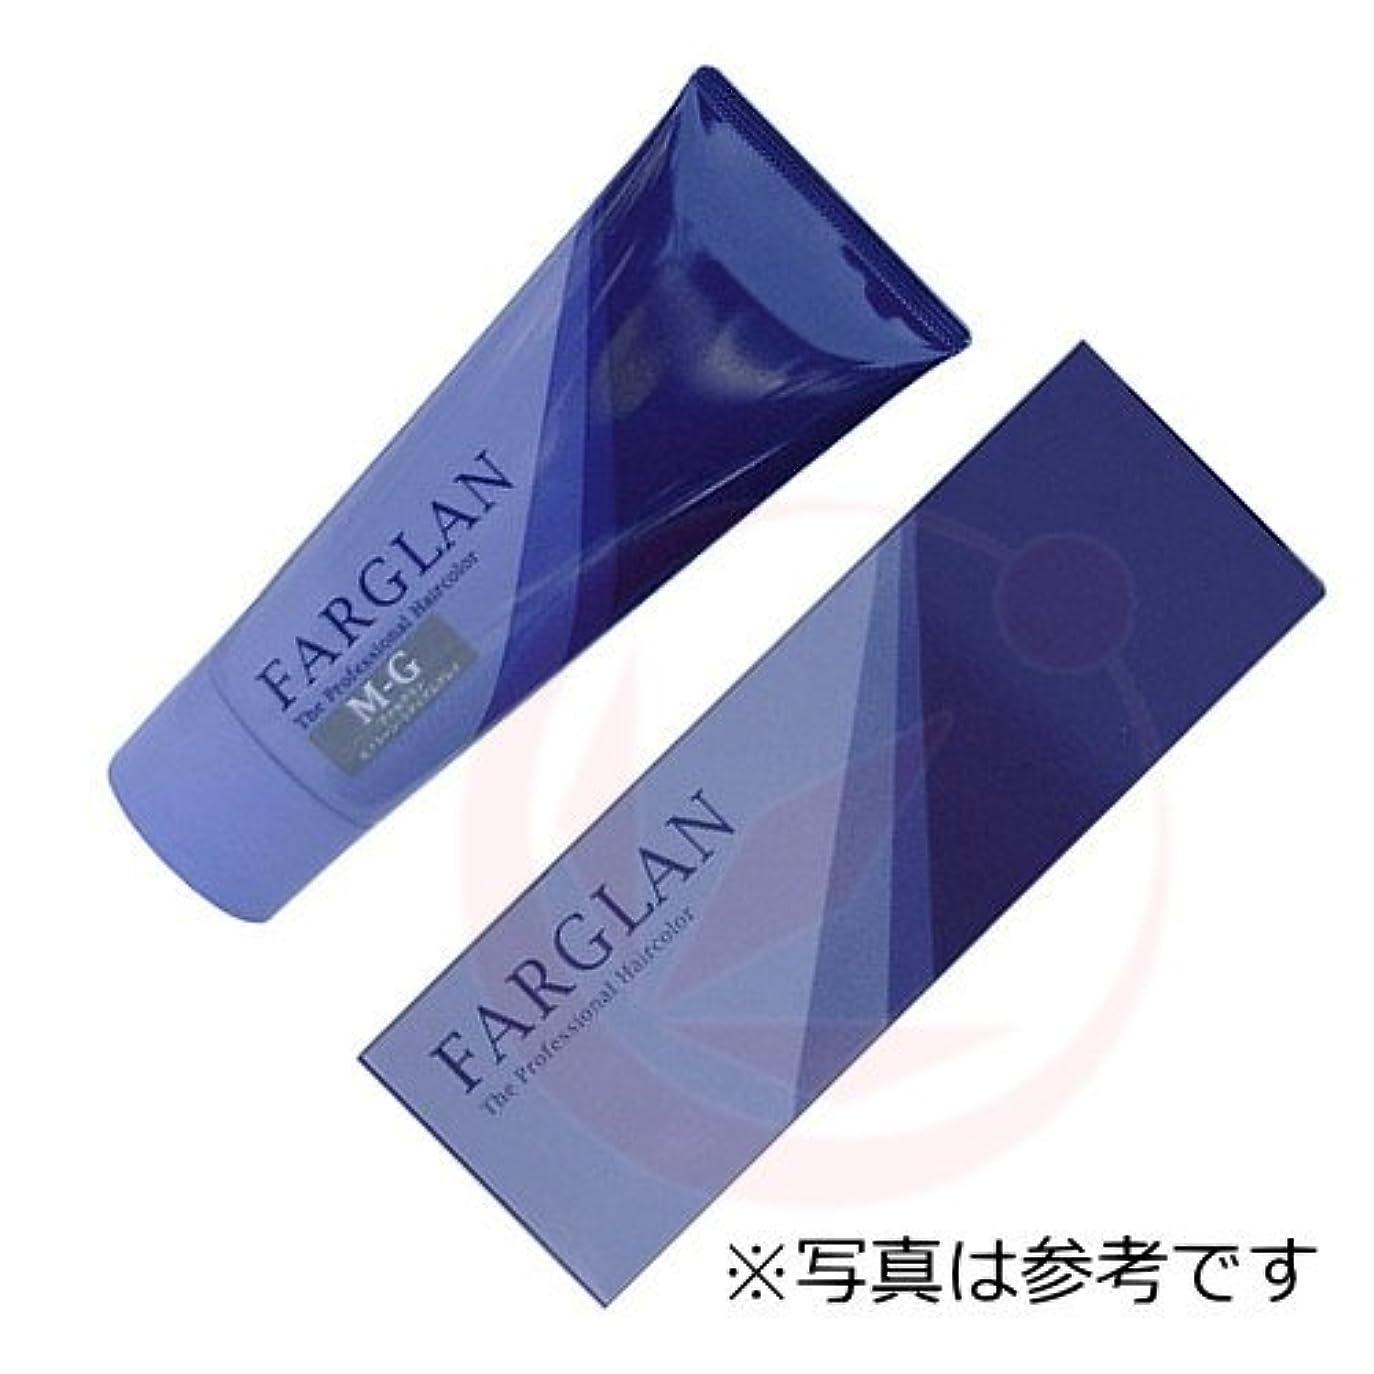 洗剤ラフトロンドンミルボン ファルグラン 酸性グレイカラー ベージュブラウン 160g 【ベージュブラウン】M-BB